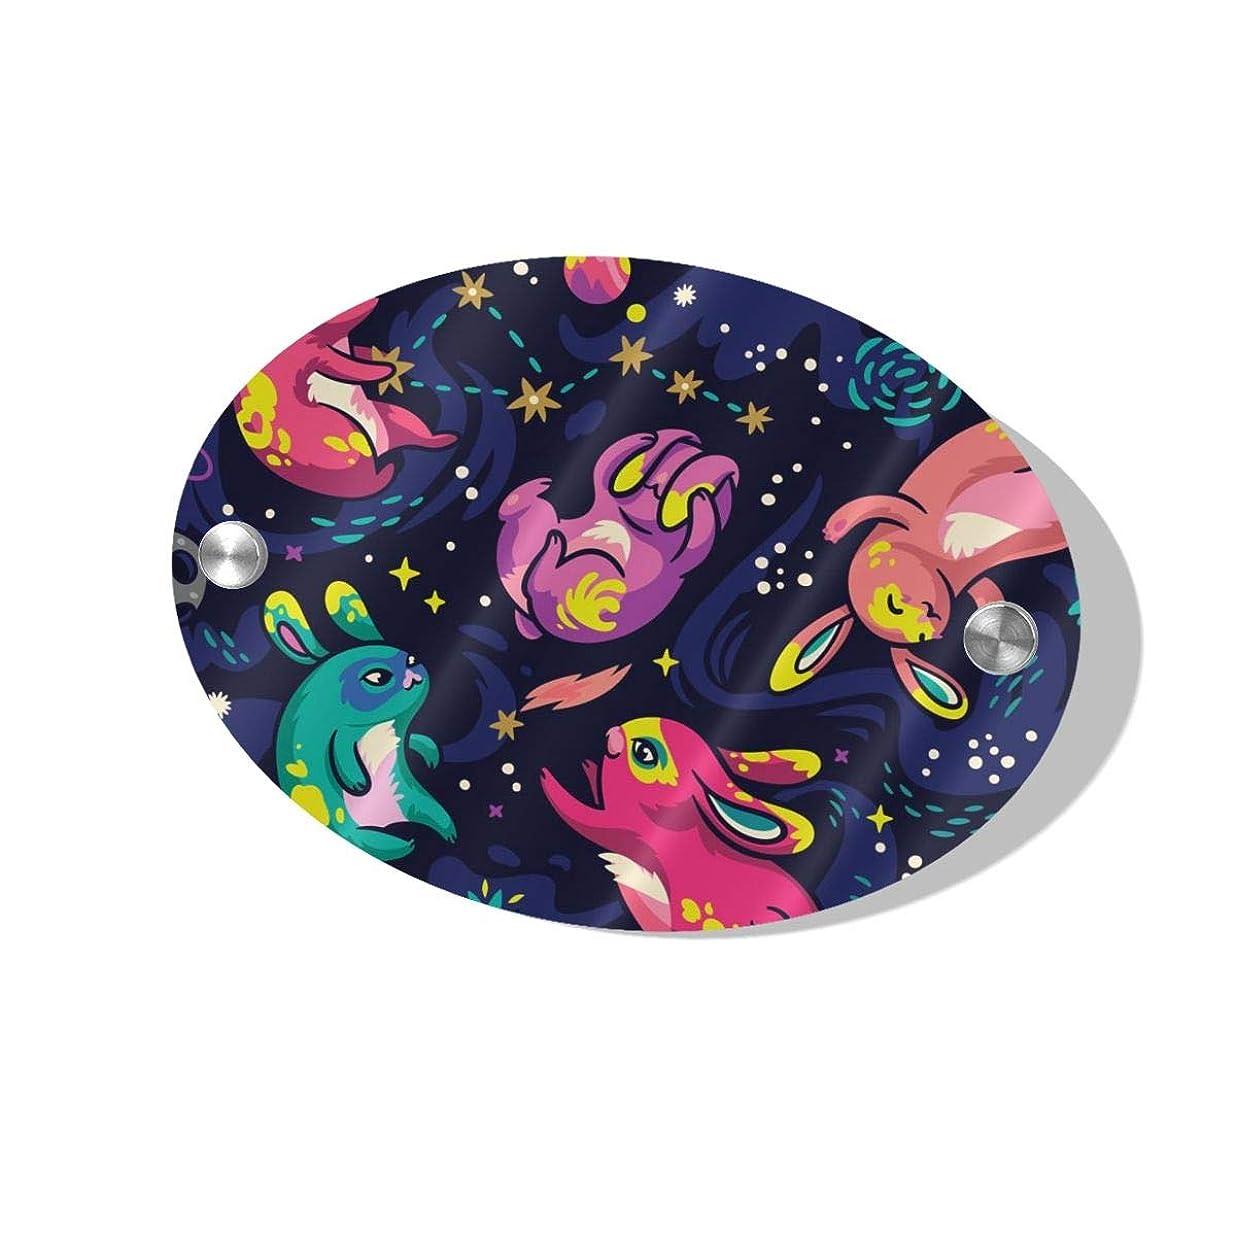 泳ぐお酒親愛なBunnies Explore Space ハイエンド、スタイリッシュ、シンプル、人気、絶妙でエレガントな楕円形のドアプレートは、頑丈で美しく、取り付けが簡単です